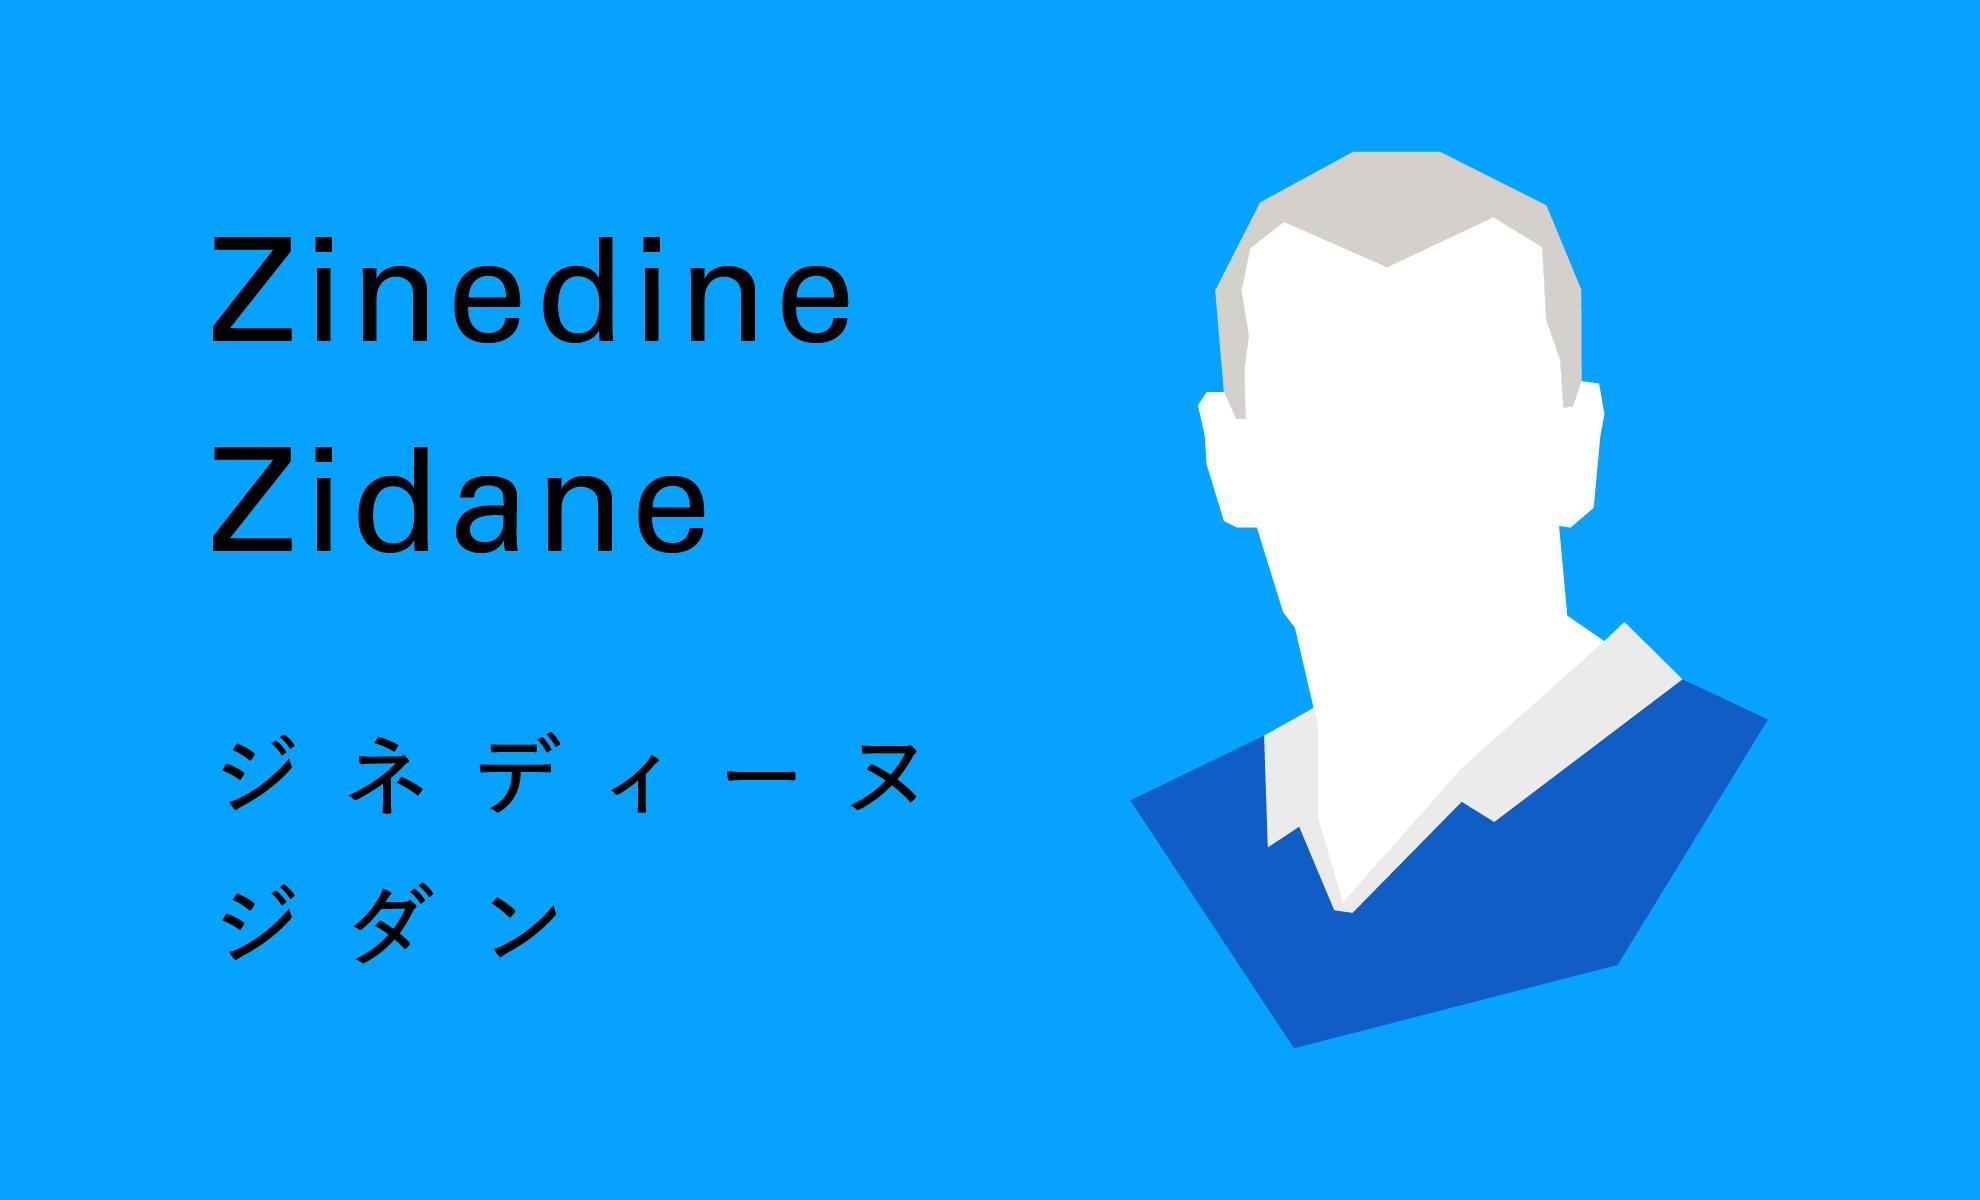 ジネディーヌ・ジダンの名言からの学び。[負けは成長への道筋]のイラスト6